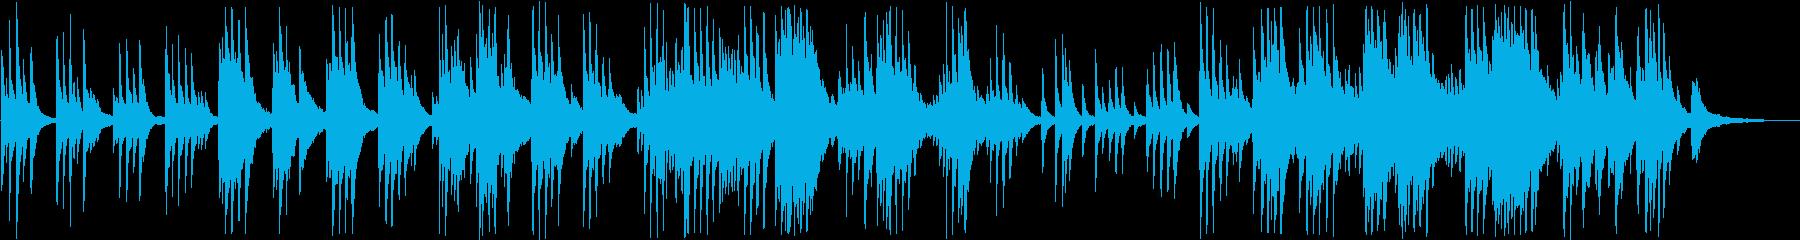 別れを彷彿させる音楽の再生済みの波形